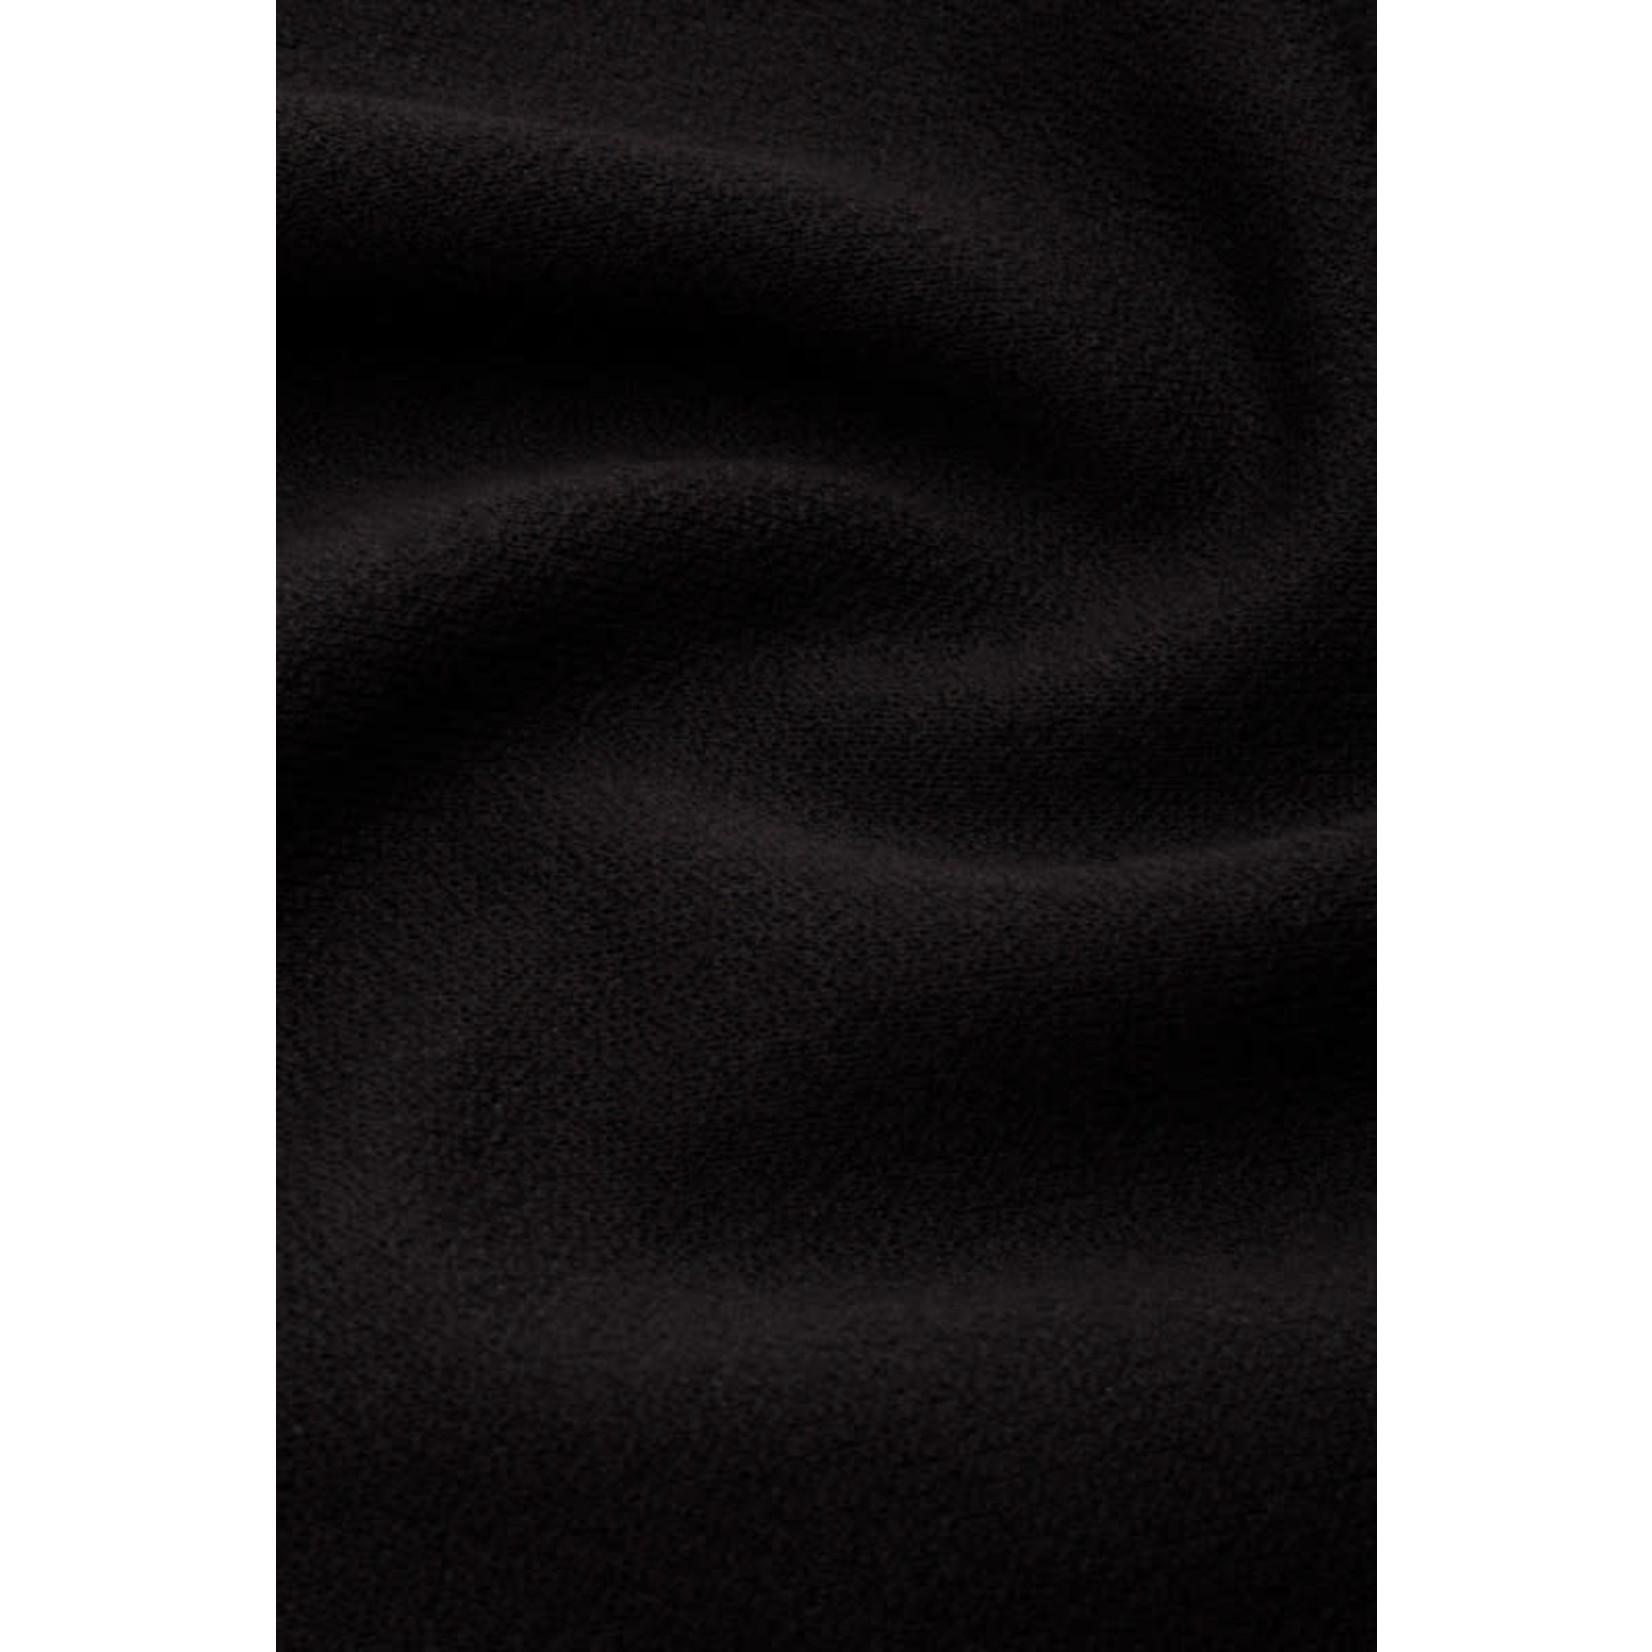 King Louie King Louie Juno Skirt Milano Crepe Black